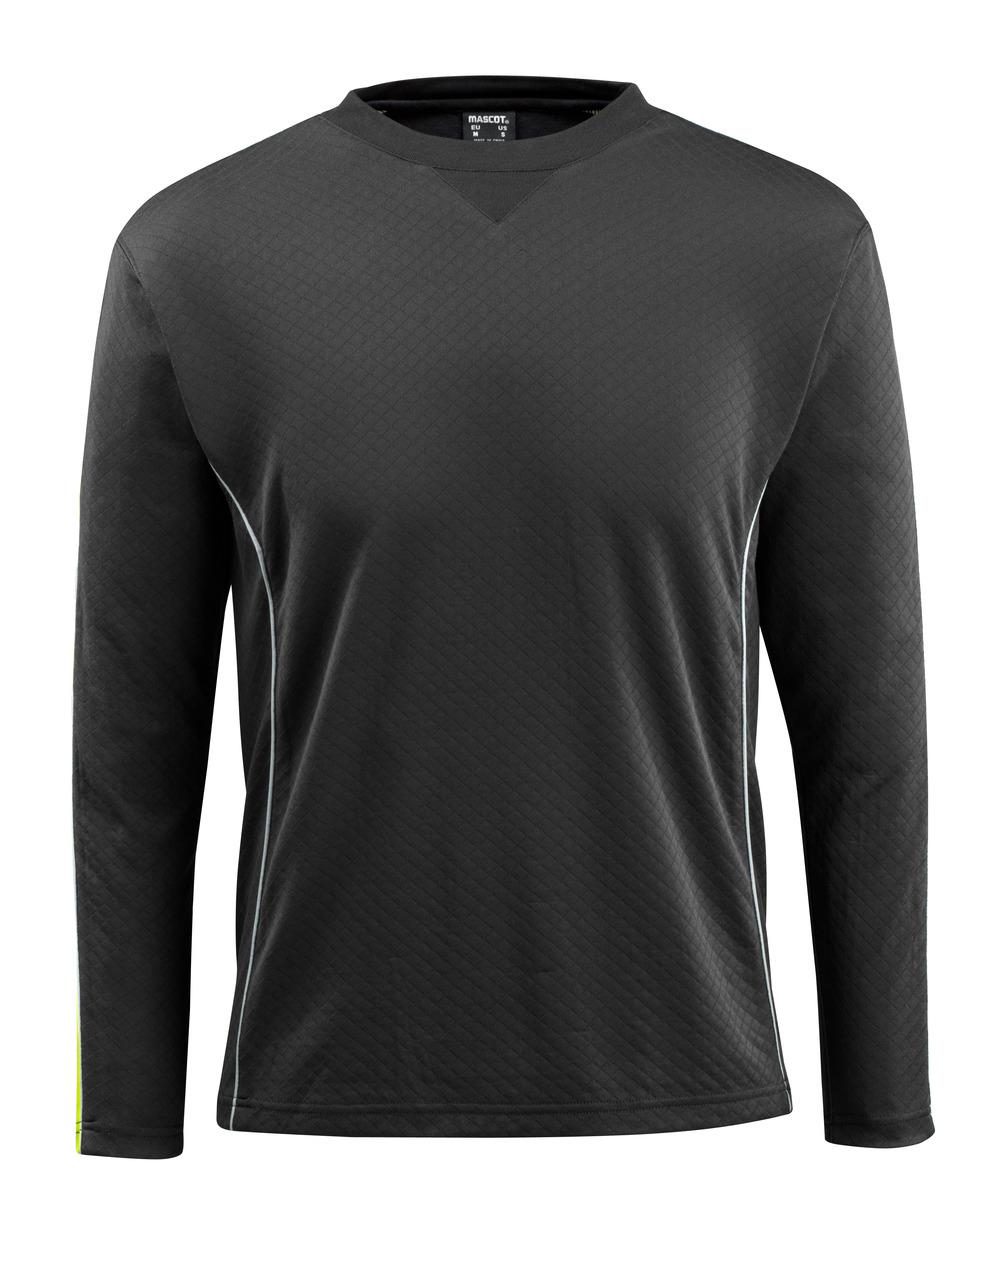 50128-933-0917 Maglietta, a maniche lunghe - nero/giallo hi-vis